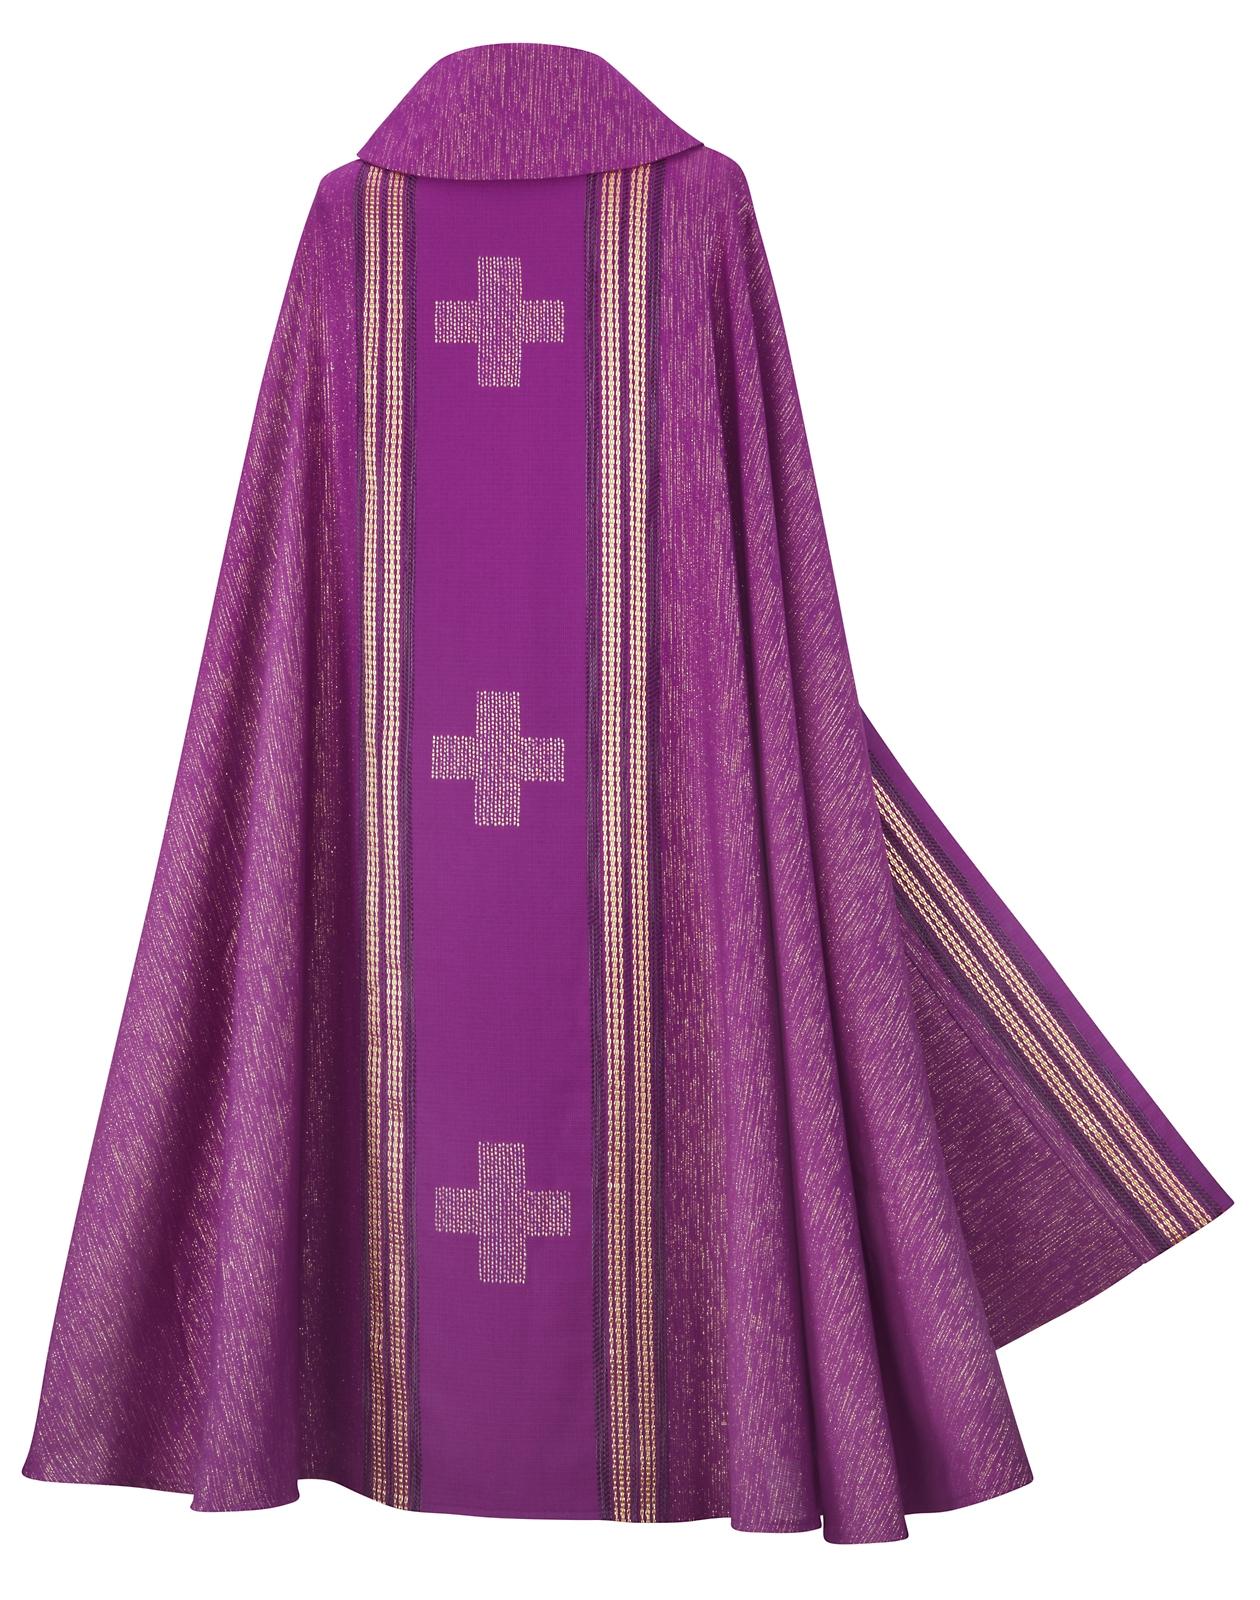 Rauchmantel, Wollmischgewebe, violett